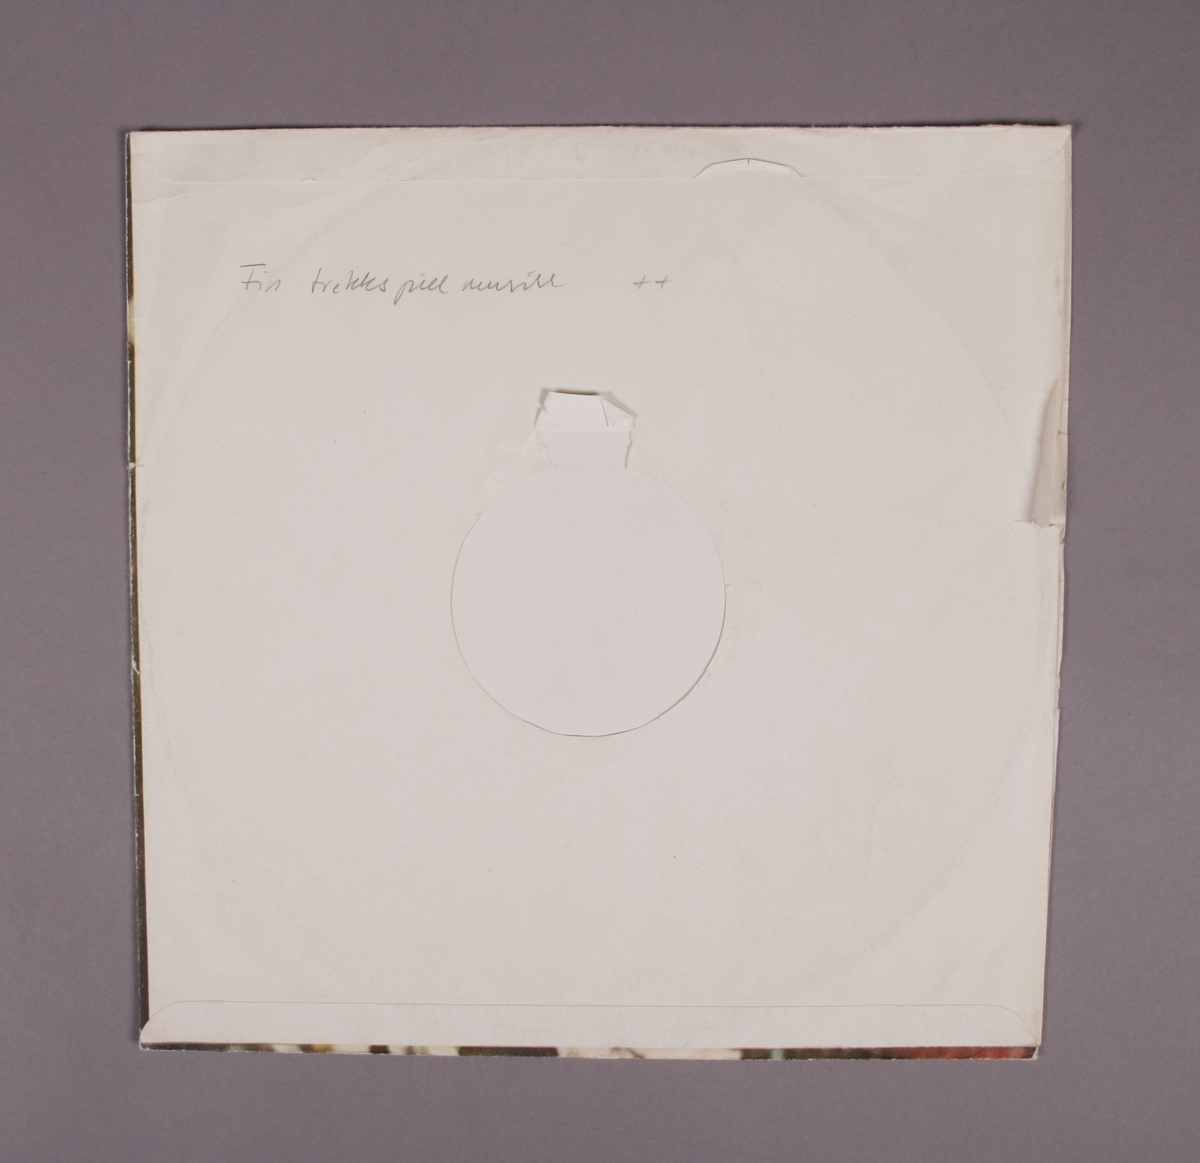 """Grammofonplate i svart vinyl og plateomslag av papir. Plata ligger i en uoriginal papirlomme stemplet """"Angel Records""""."""